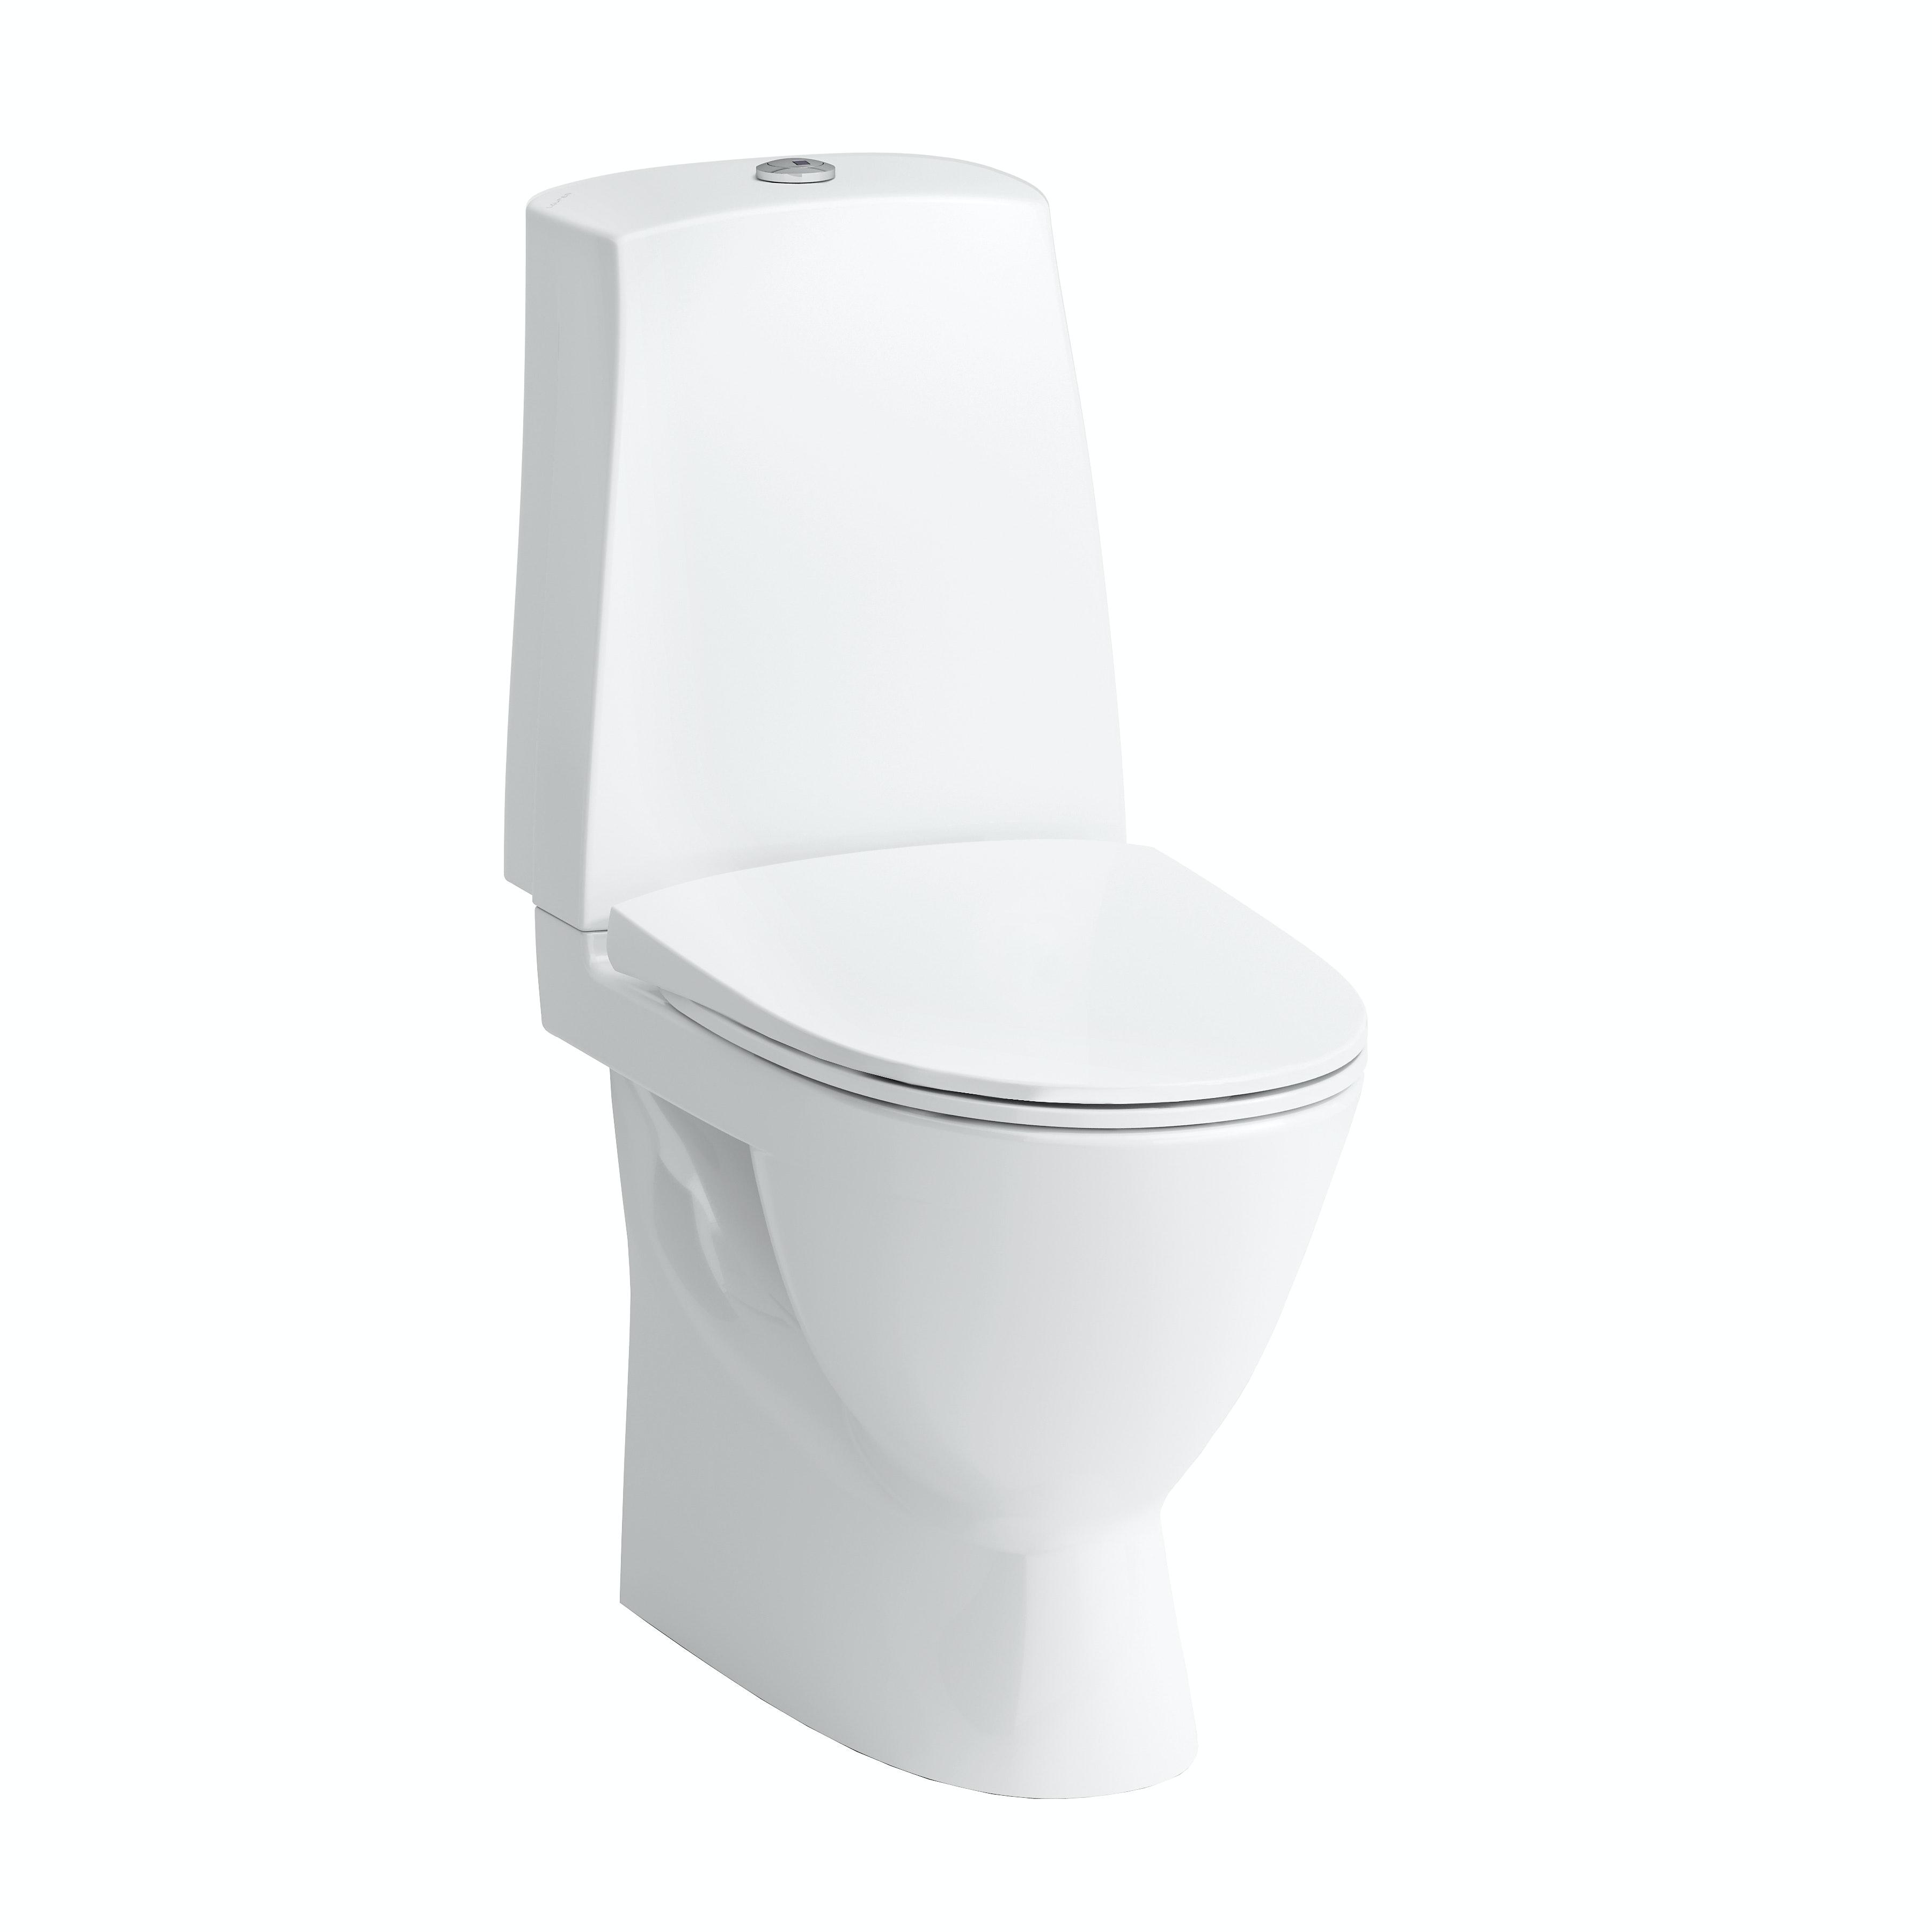 WC-stol Laufen Pro-N dolt s-lås